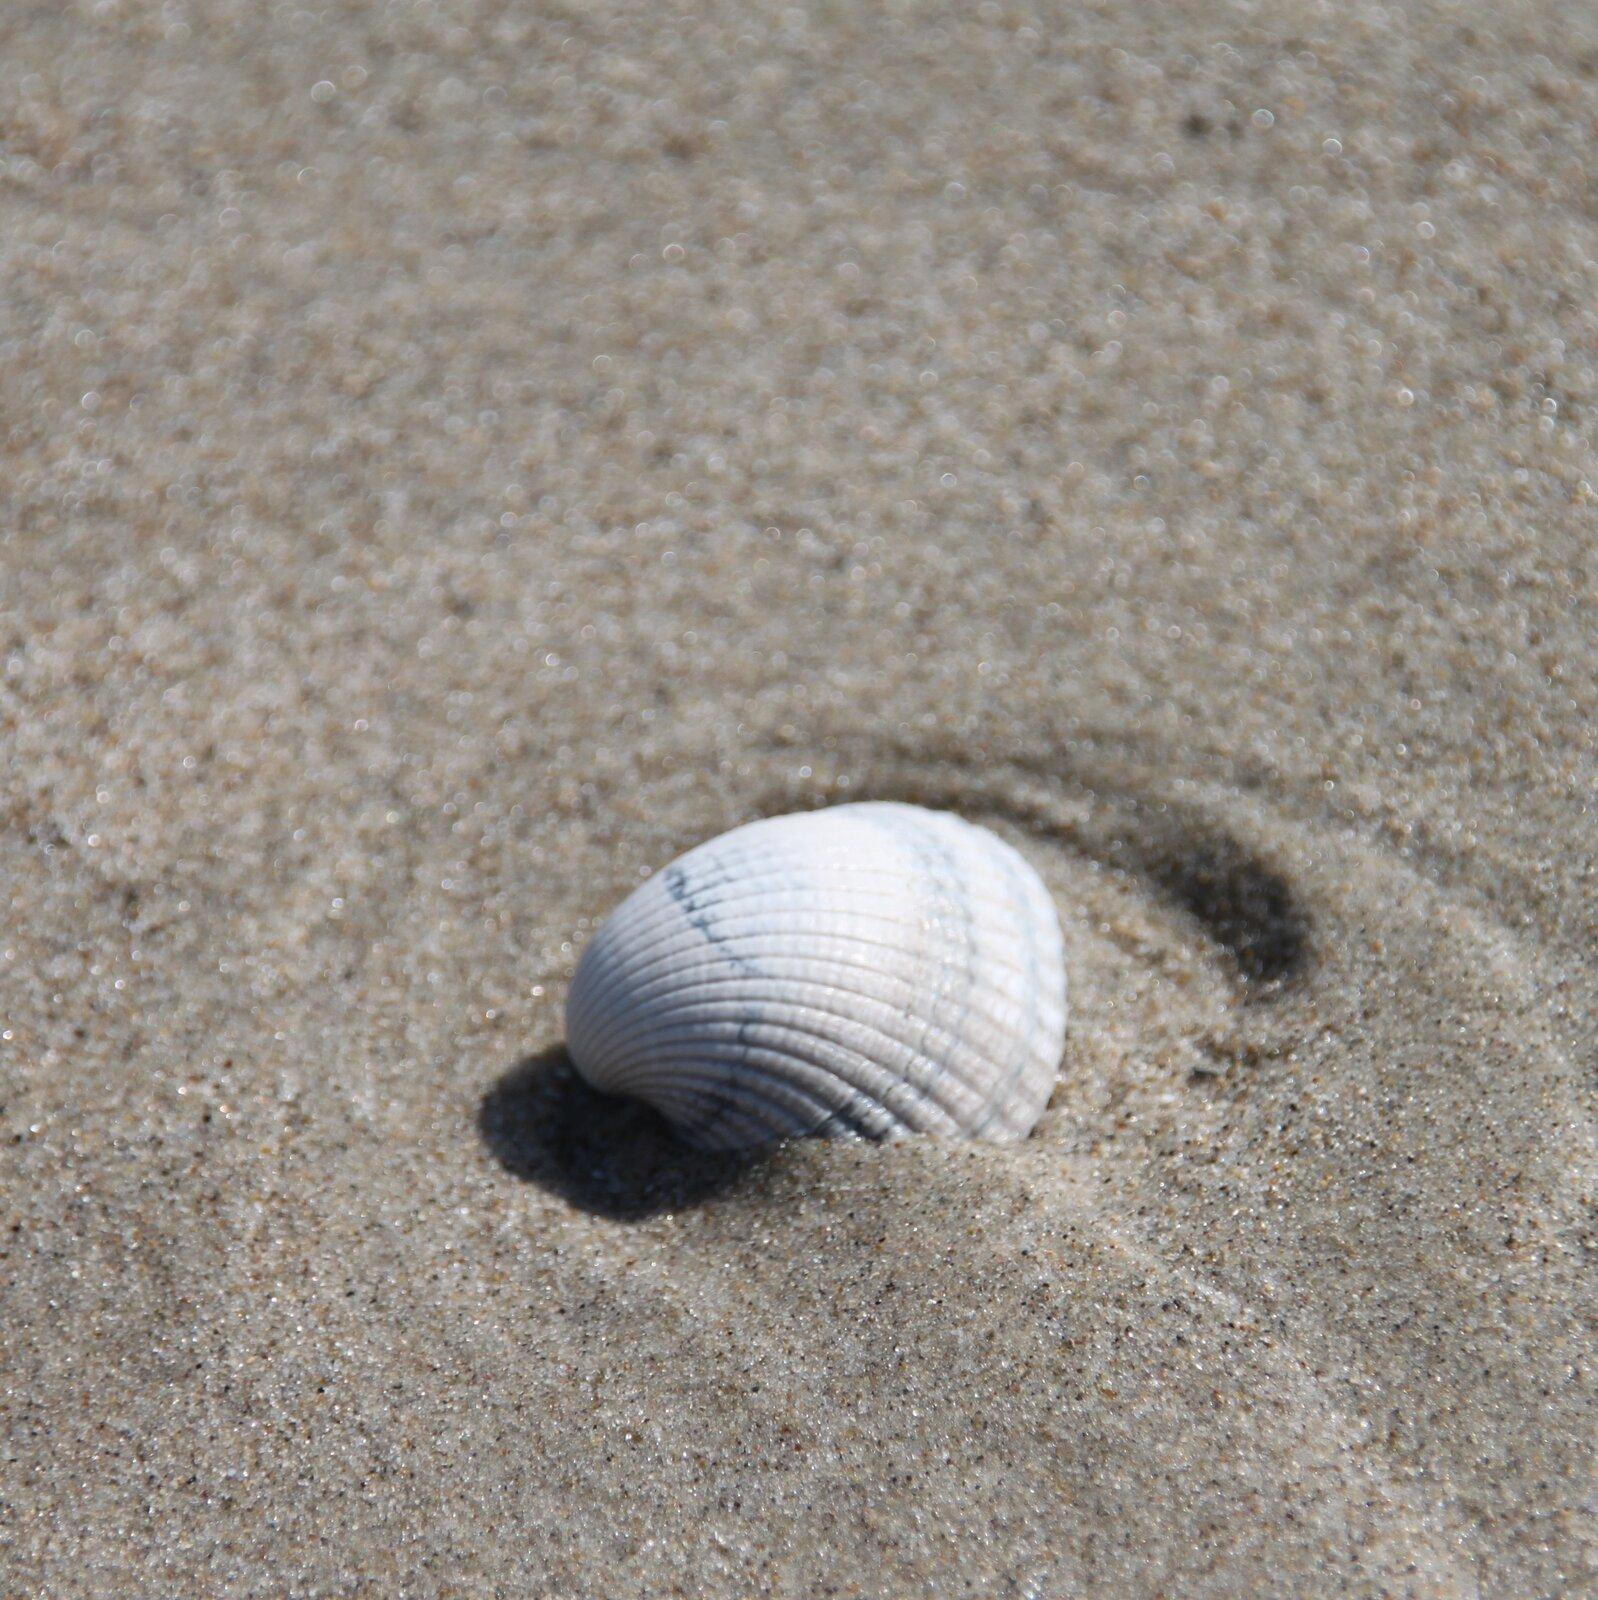 Fotografia prezentuje białą muszlę sercówki leżącą na szarym piasku. Muszla jest owalna ima wyraźne zgrubienia rozchodzące się wachlarzowato zjednego miejsca ku przeciwległemu brzegowi muszli.